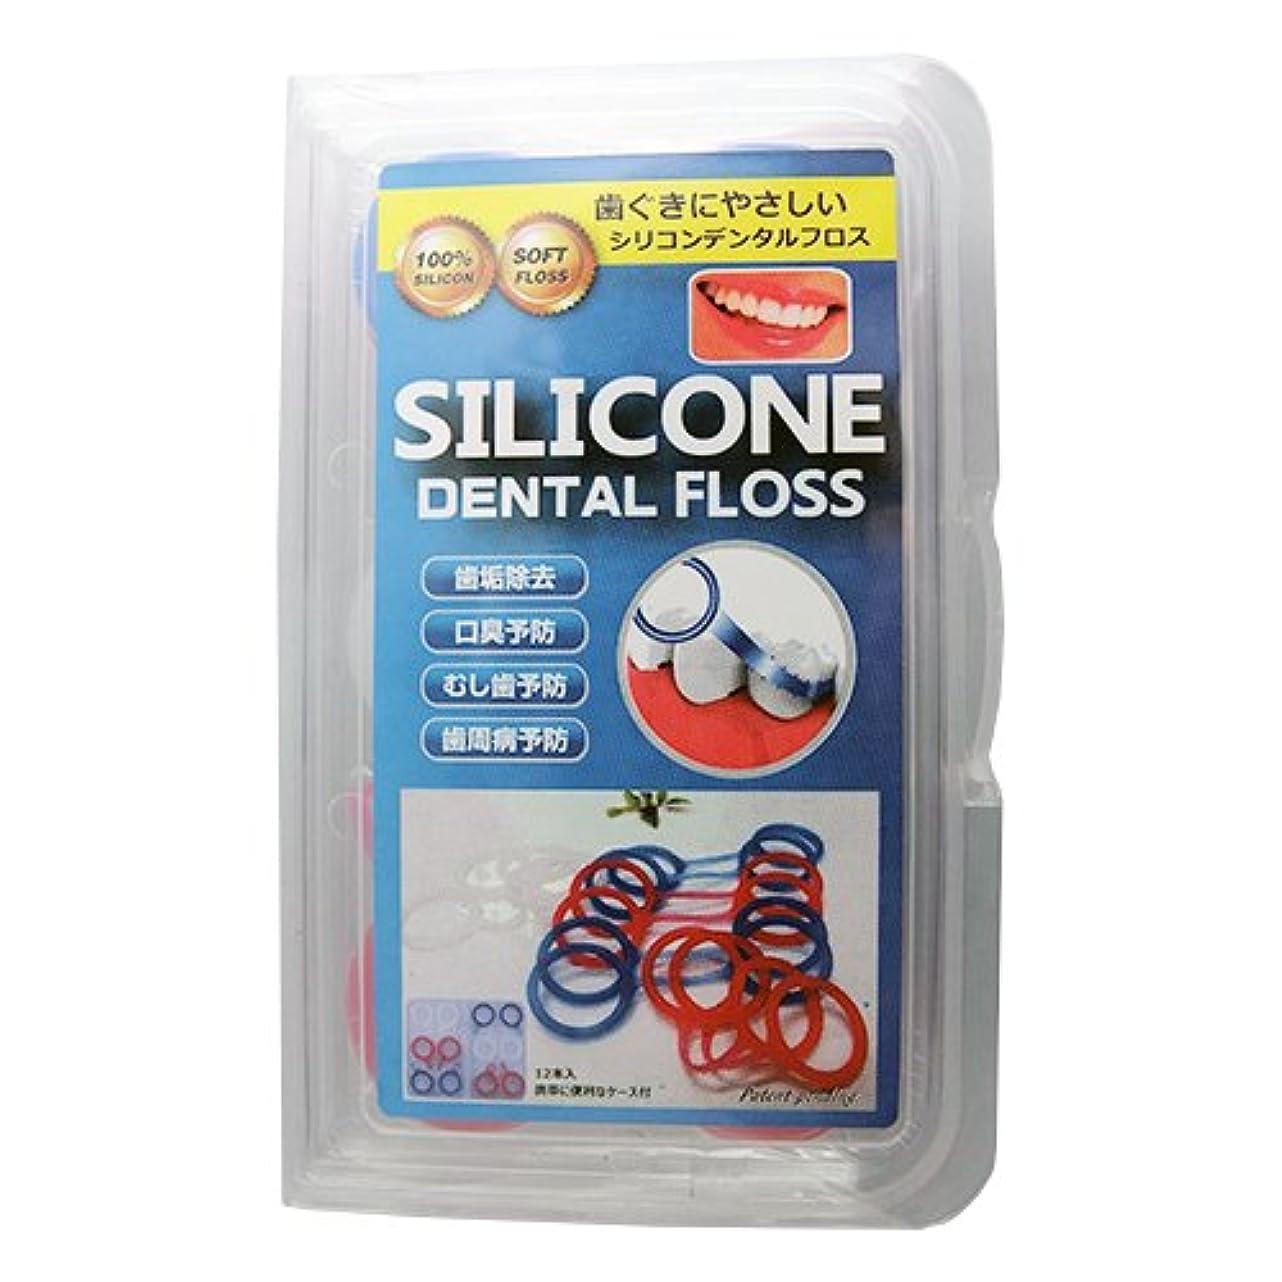 入手しますみすぼらしい鑑定マイクロテック シリコンデンタルフロス 1箱(12本入)